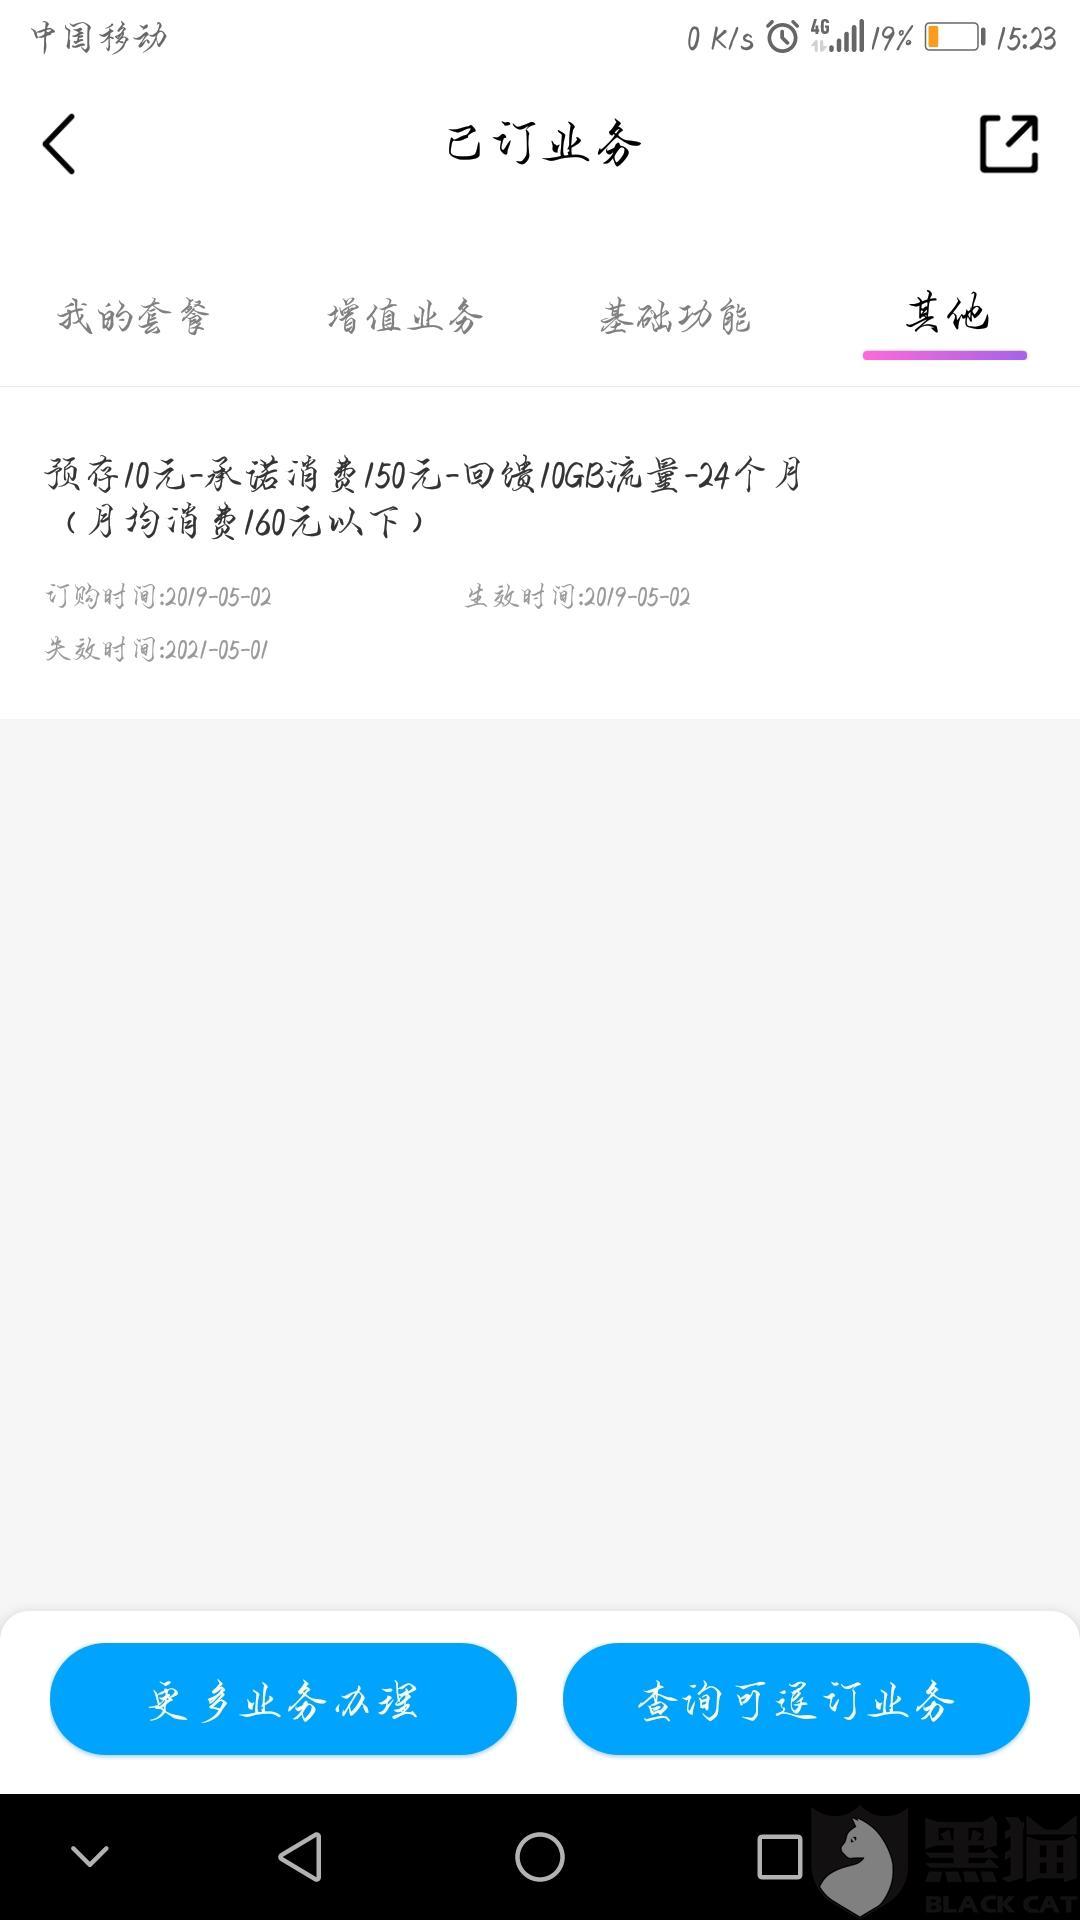 黑猫投诉:中国移动人工服务存在欺骗消费者倾向